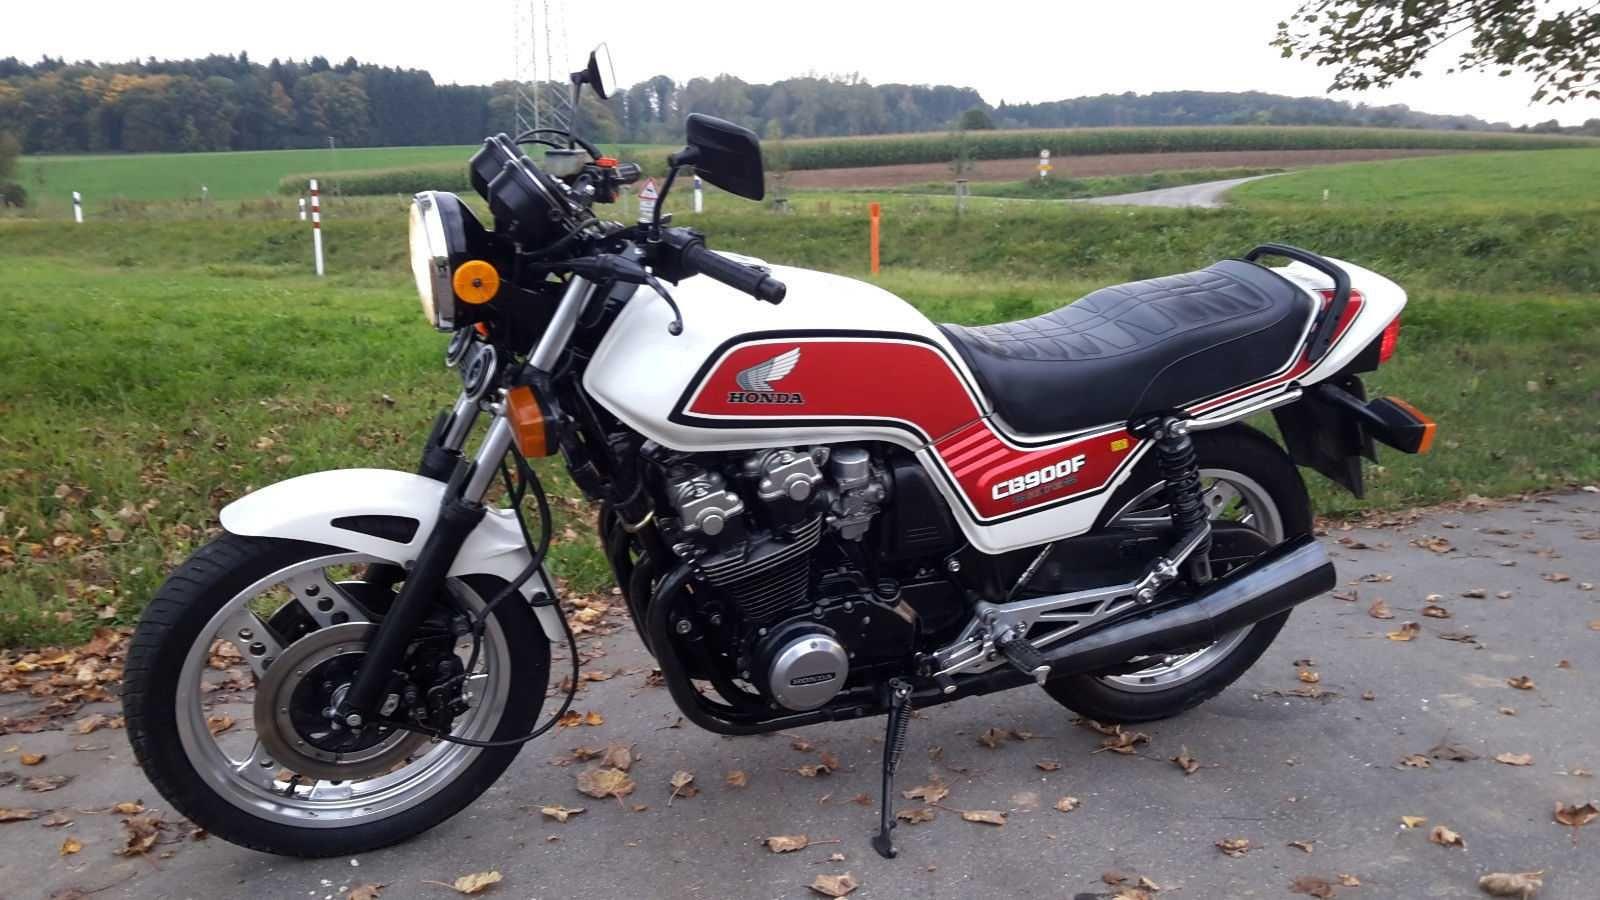 eBay.de - Mobiles günstiger - Oldtimer-Motorrad Honda CB 900 F Bol d ...